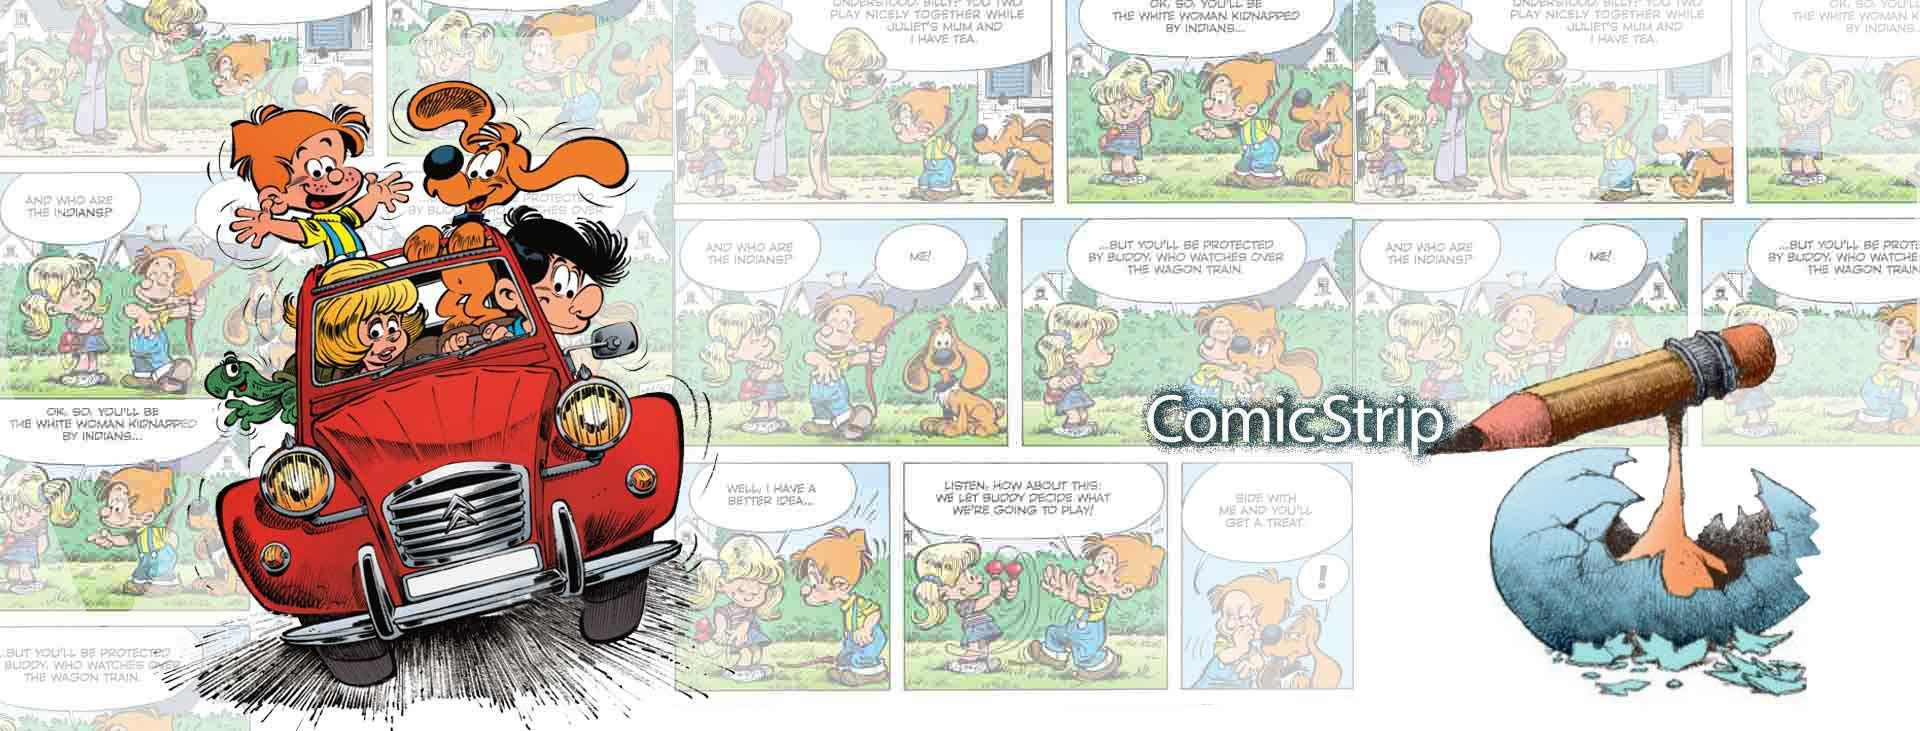 Comic strip 2 1 1 - کمیک استریپ